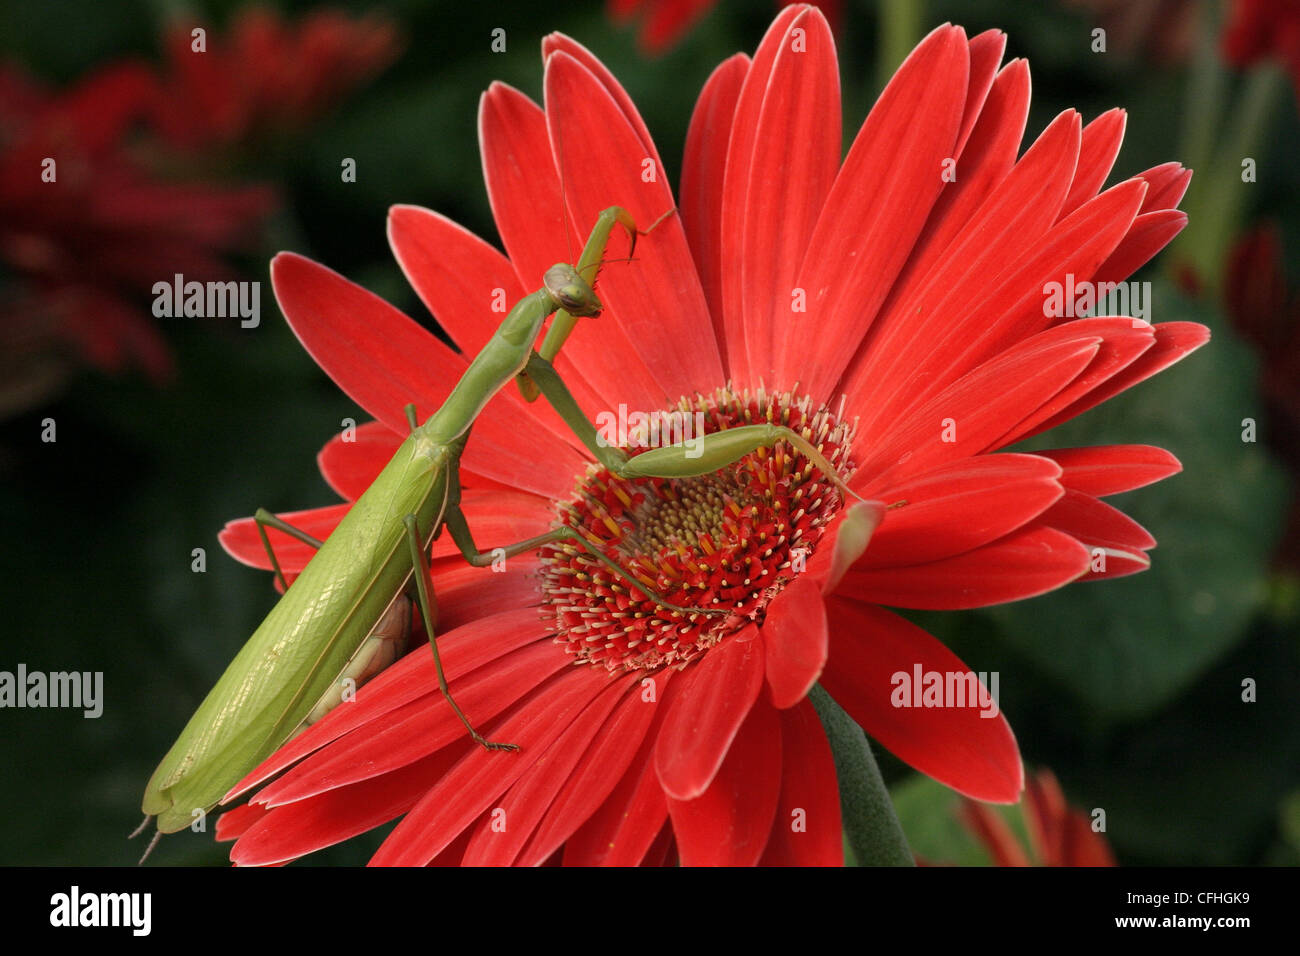 Praying Mantis (Mantis religiosa) on a gerbera daisy - Stock Image